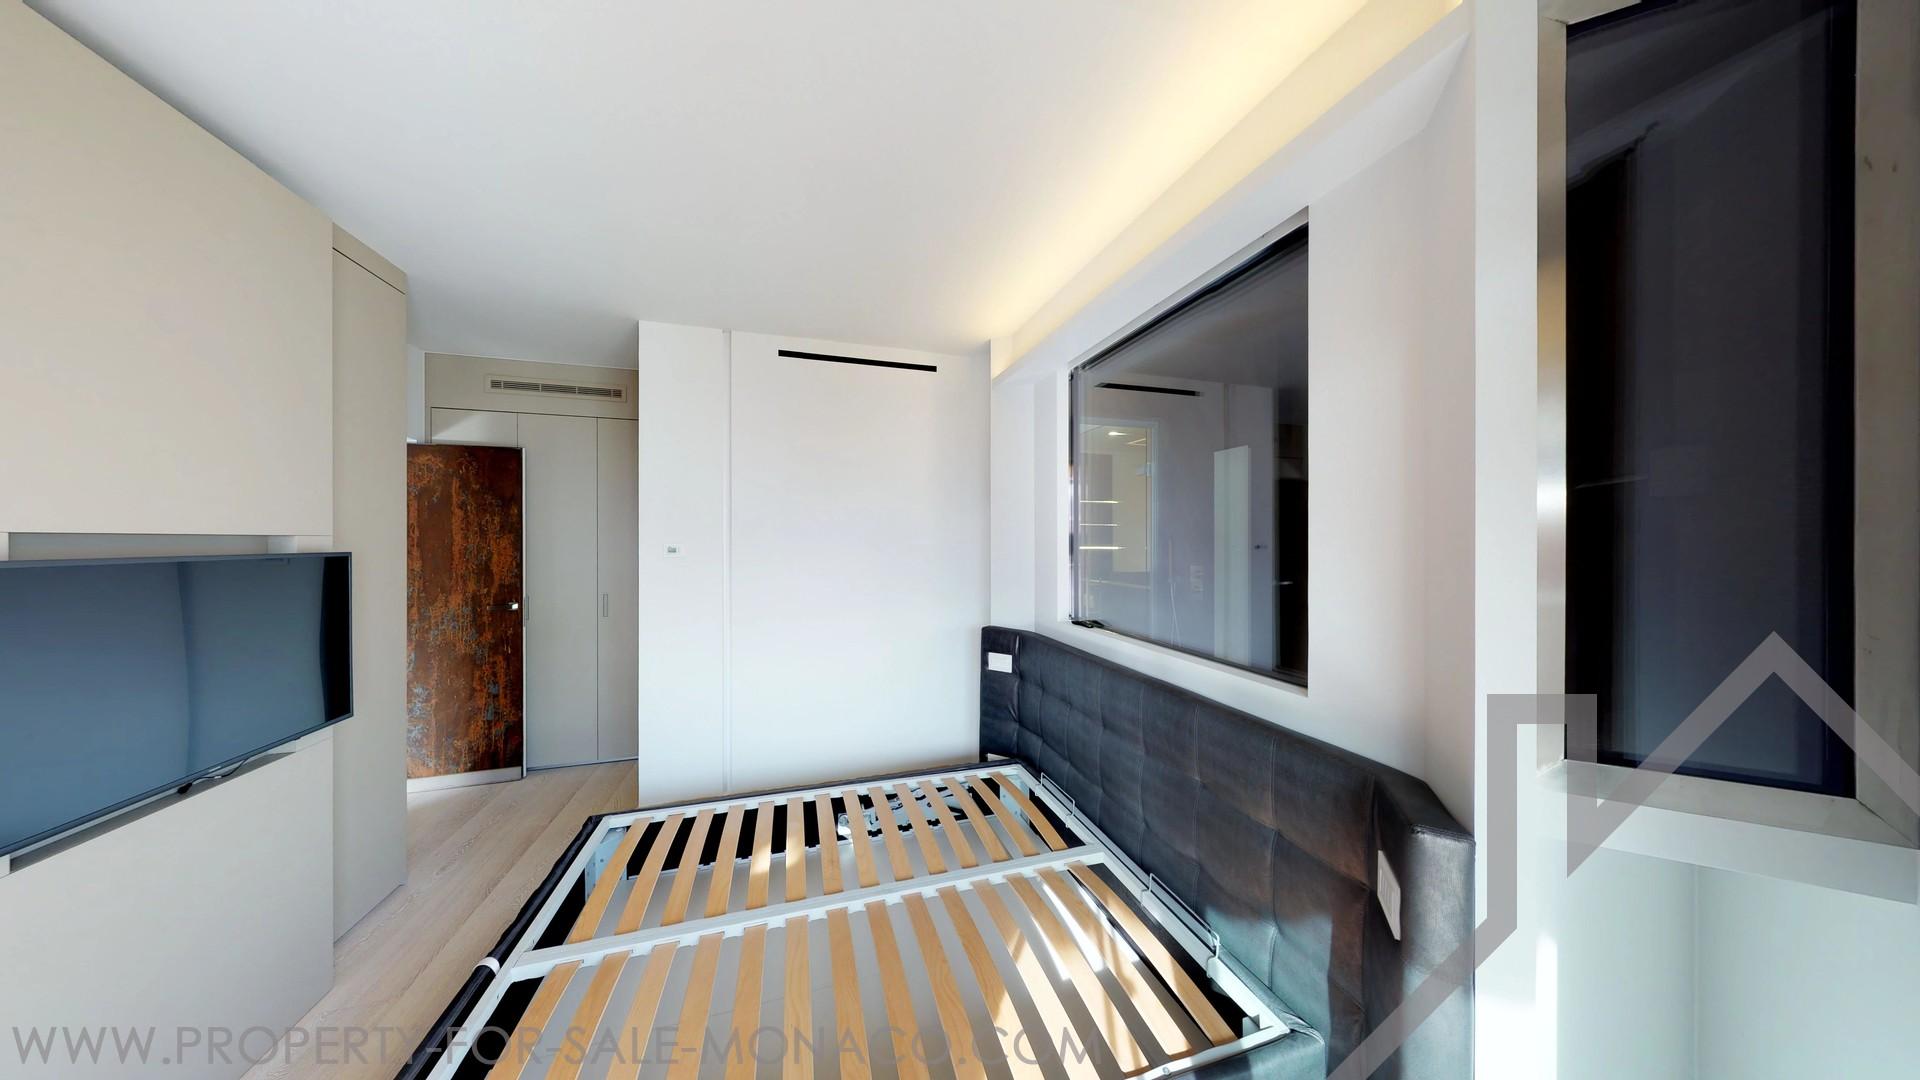 Bellissimo appartamento arredato appartamenti in vendita for Appartamento arredato